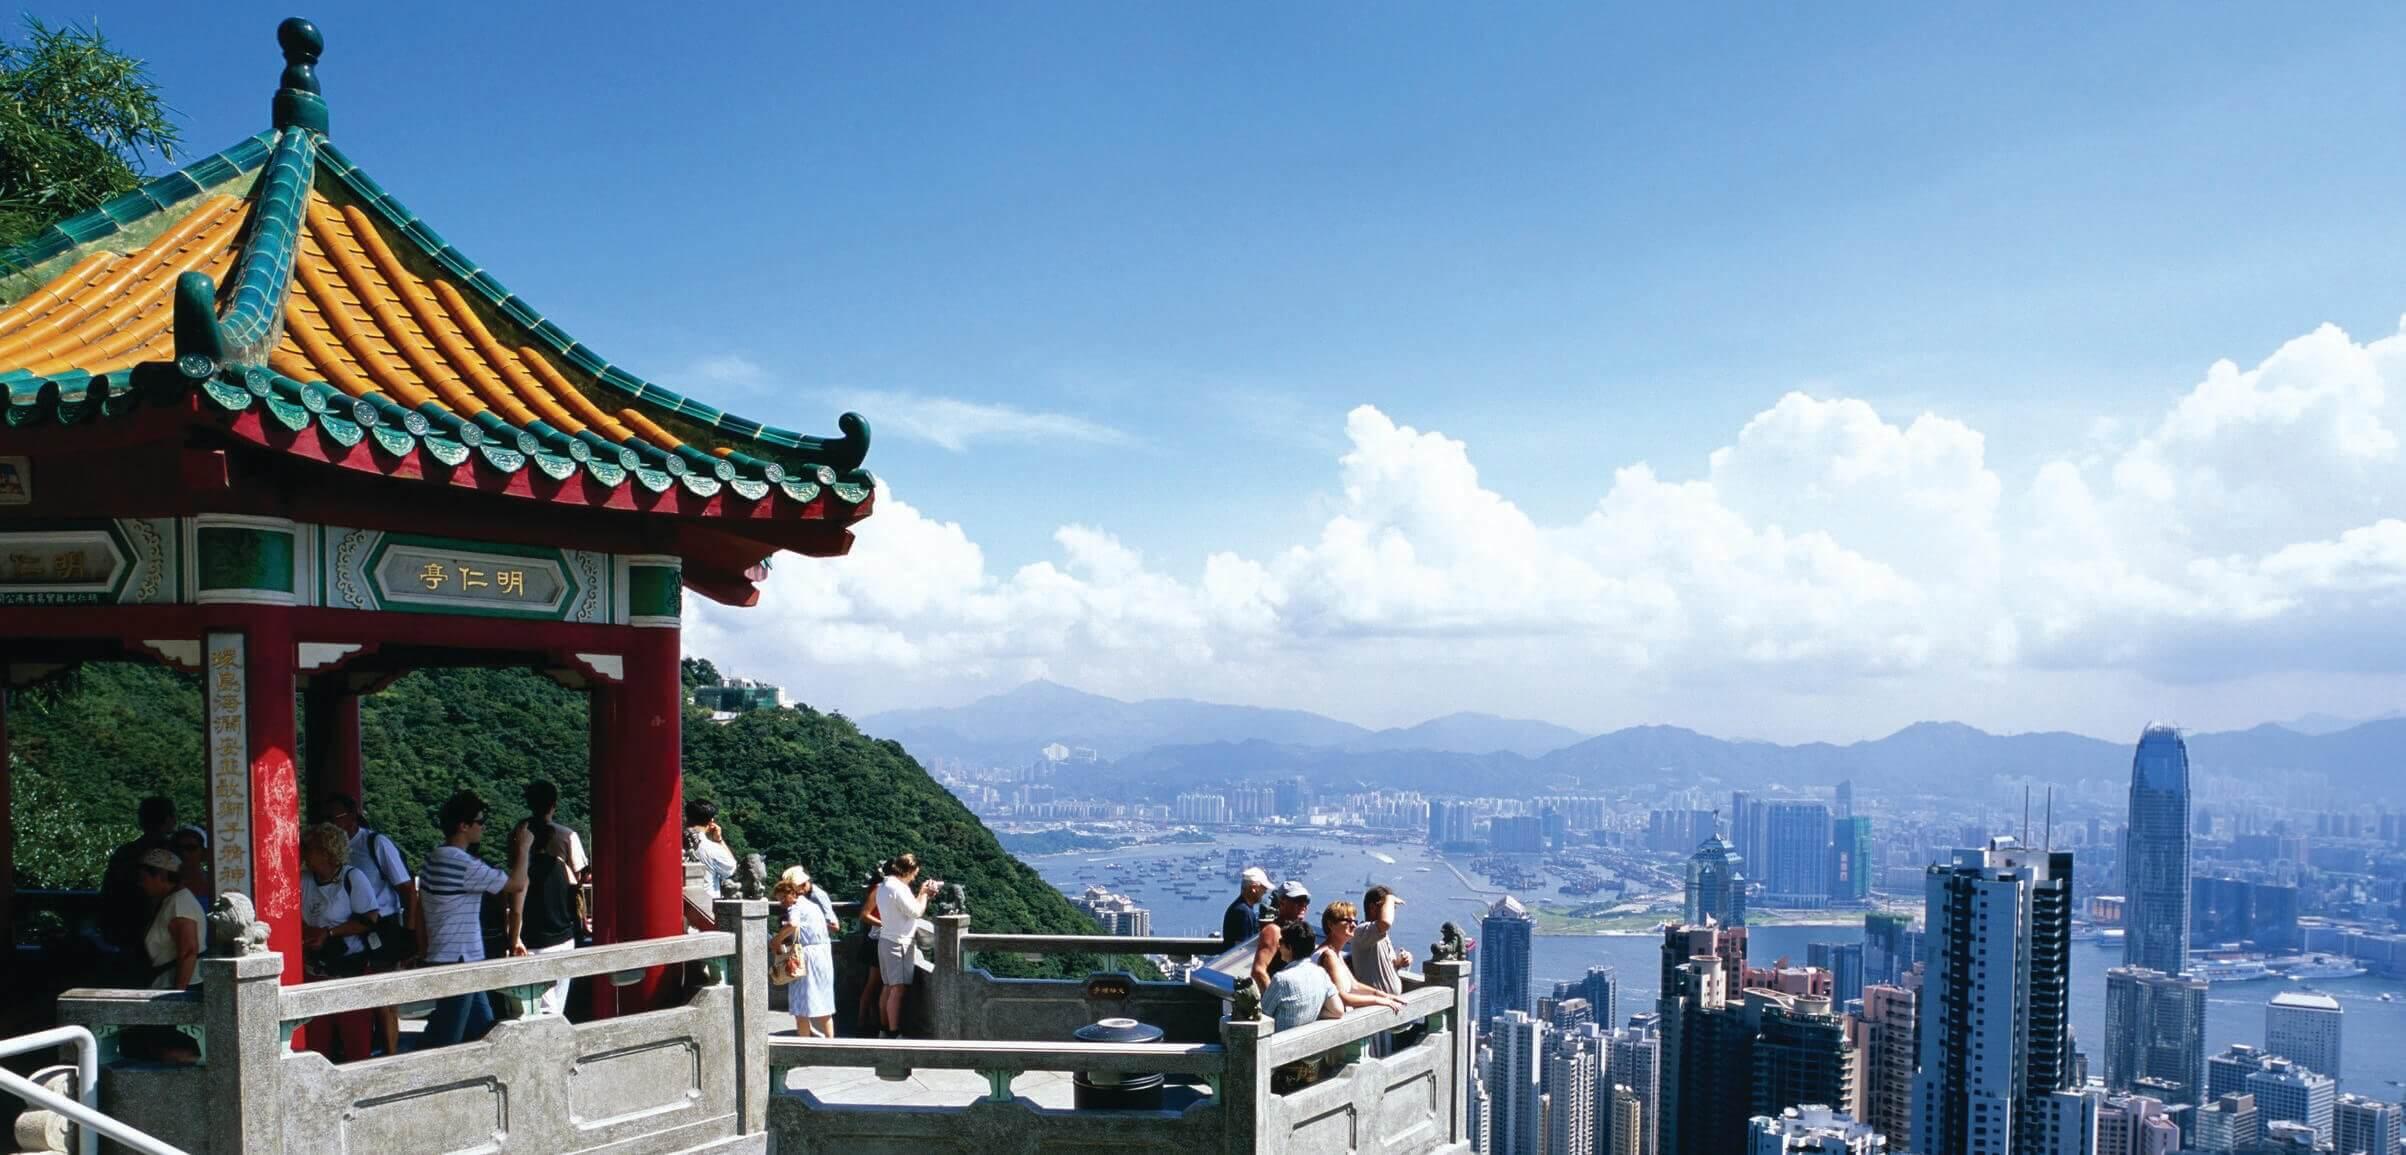 Hong Kong - Country